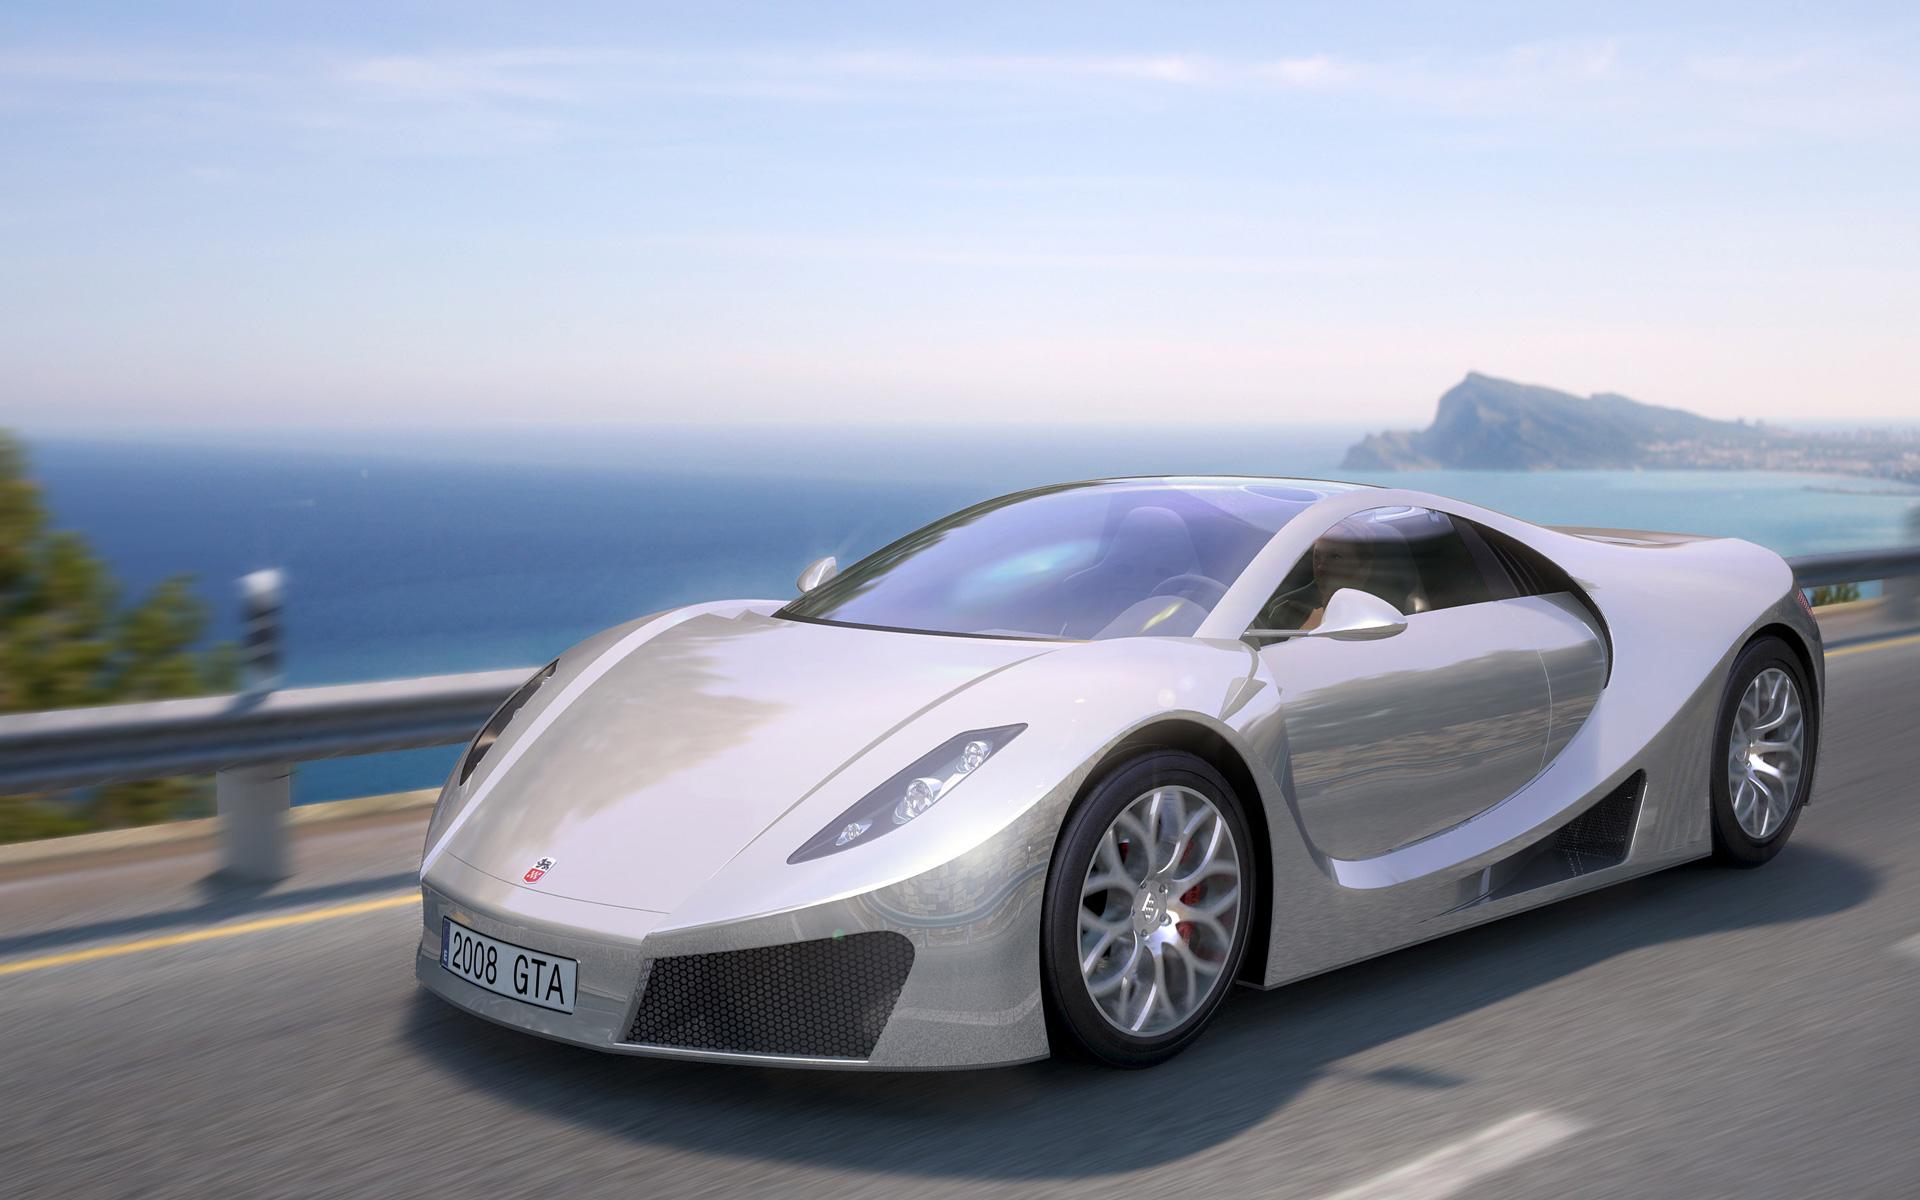 GTA Concept Super Sport Car 3 Wallpaper | HD Car Wallpapers